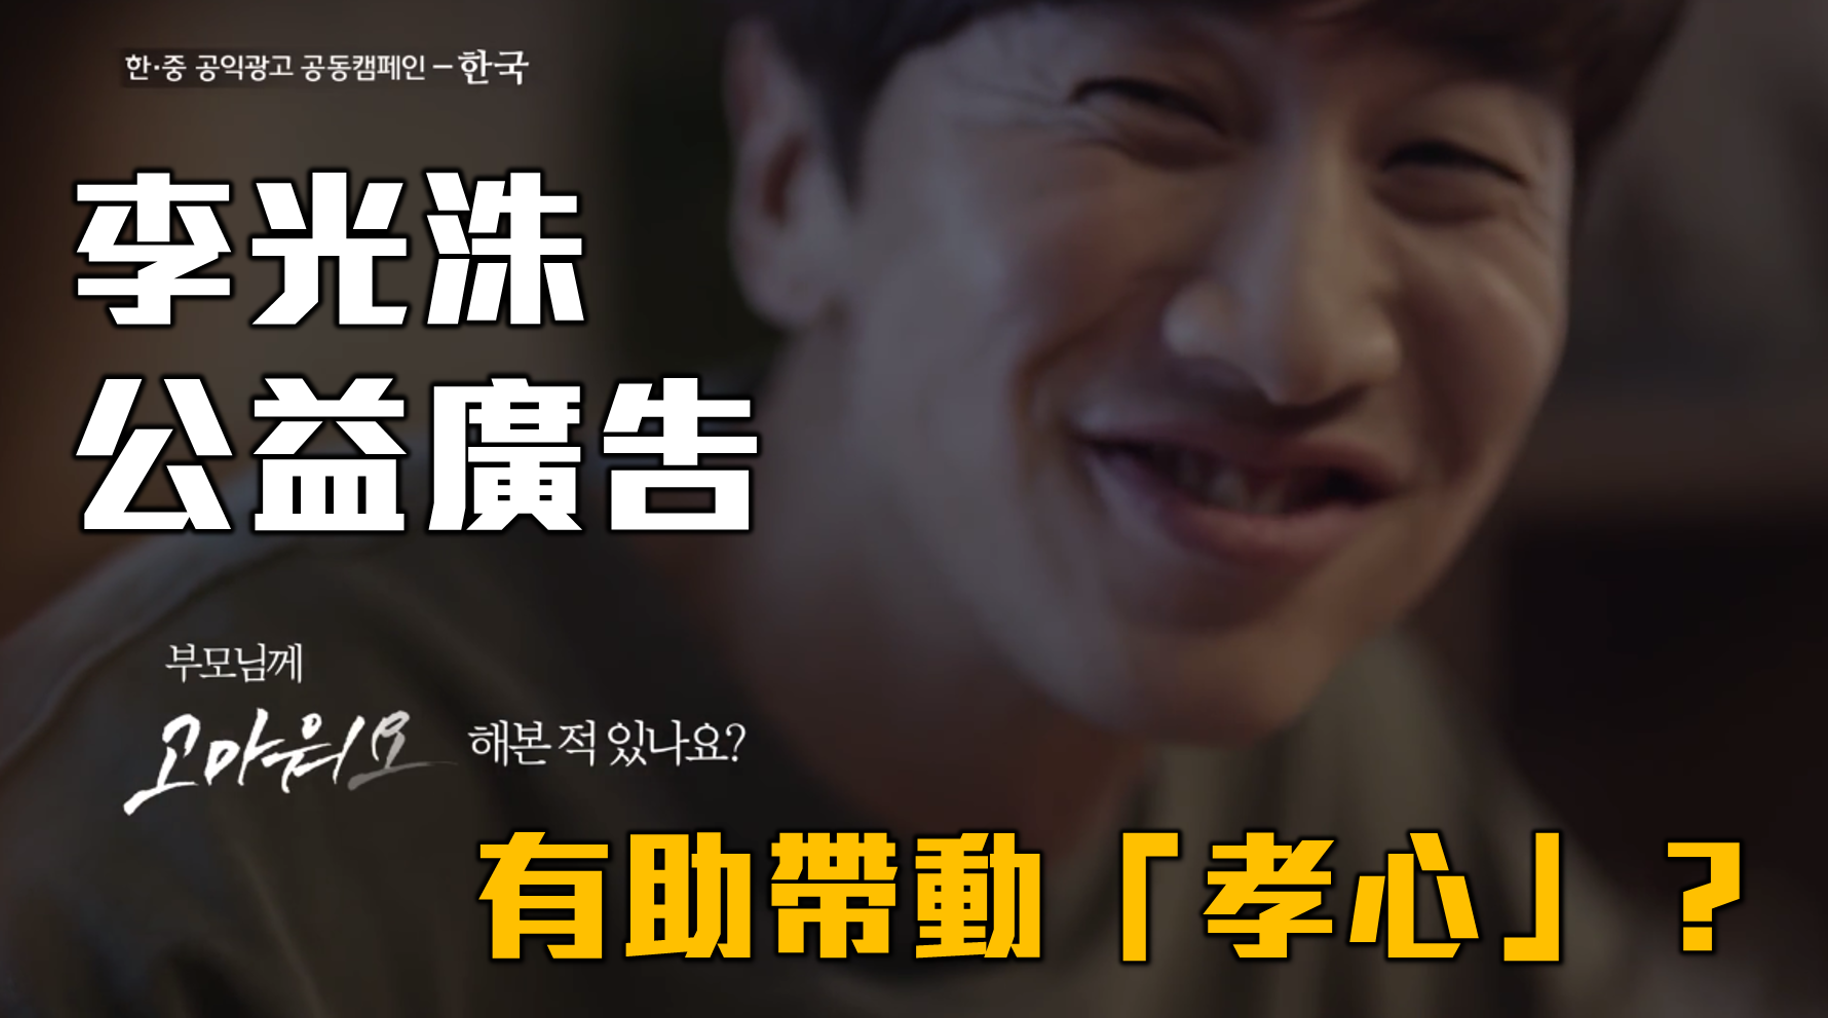 〈樂觀韓流〉李光洙公益廣告有助帶動「孝心」?-鍾樂偉